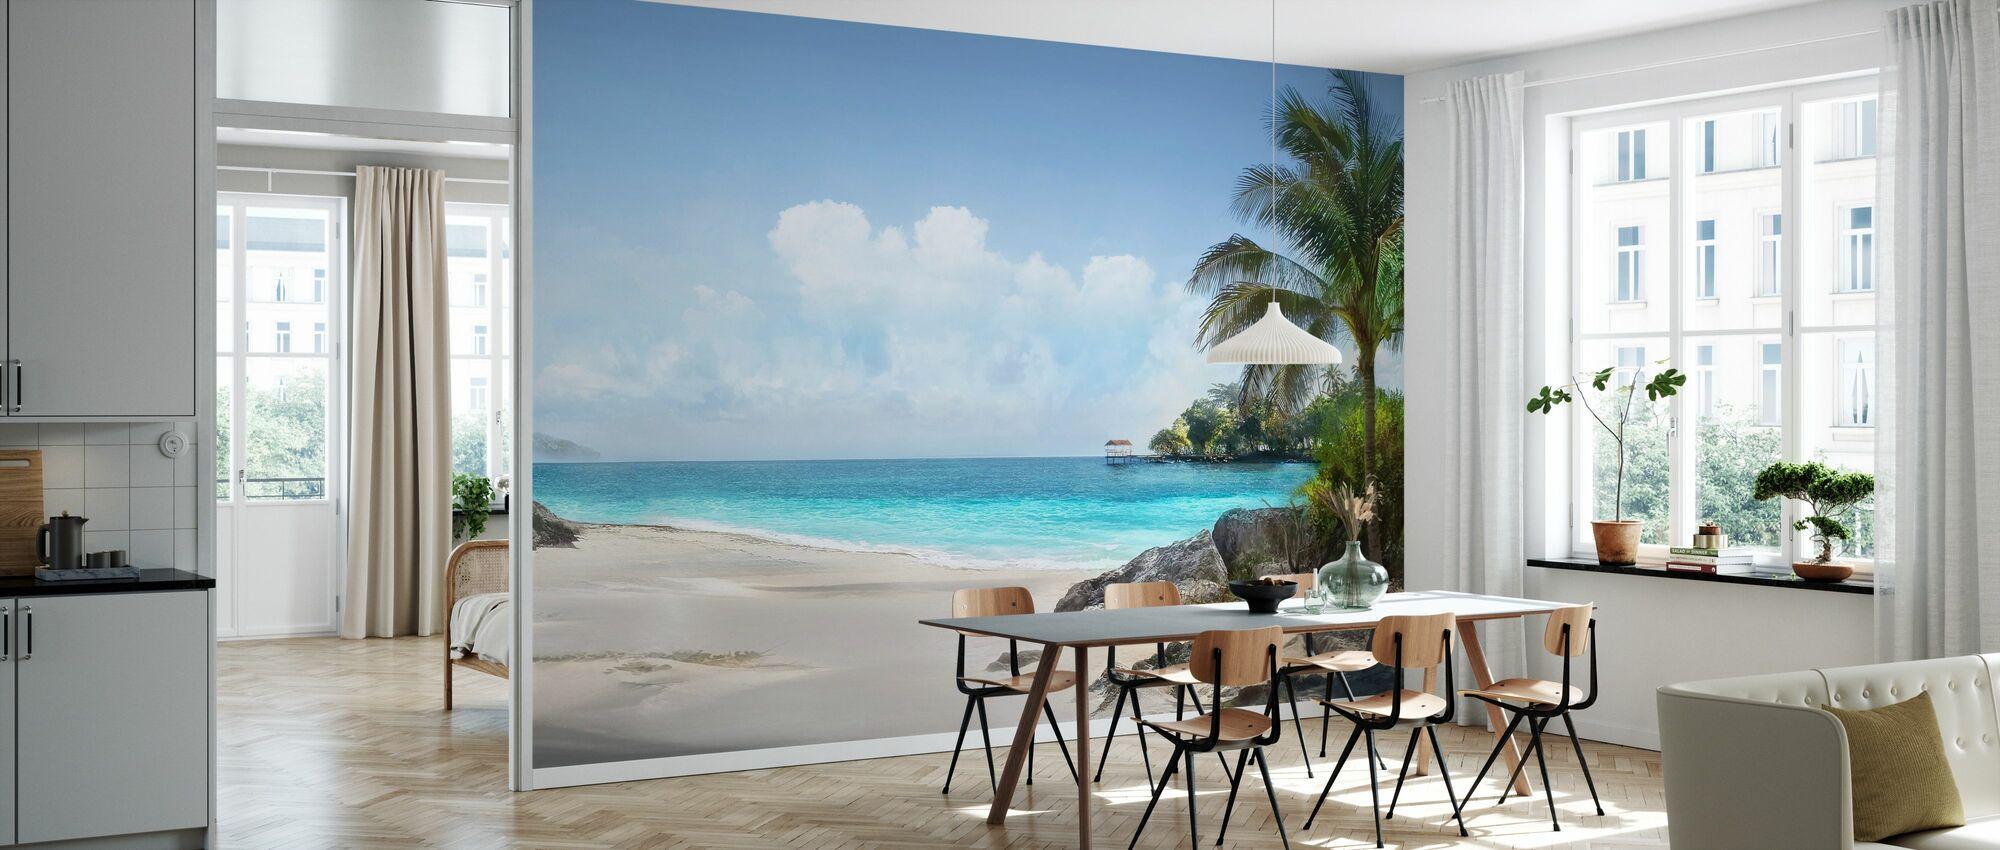 Tropisk sandstrand - Tapet - Kjøkken